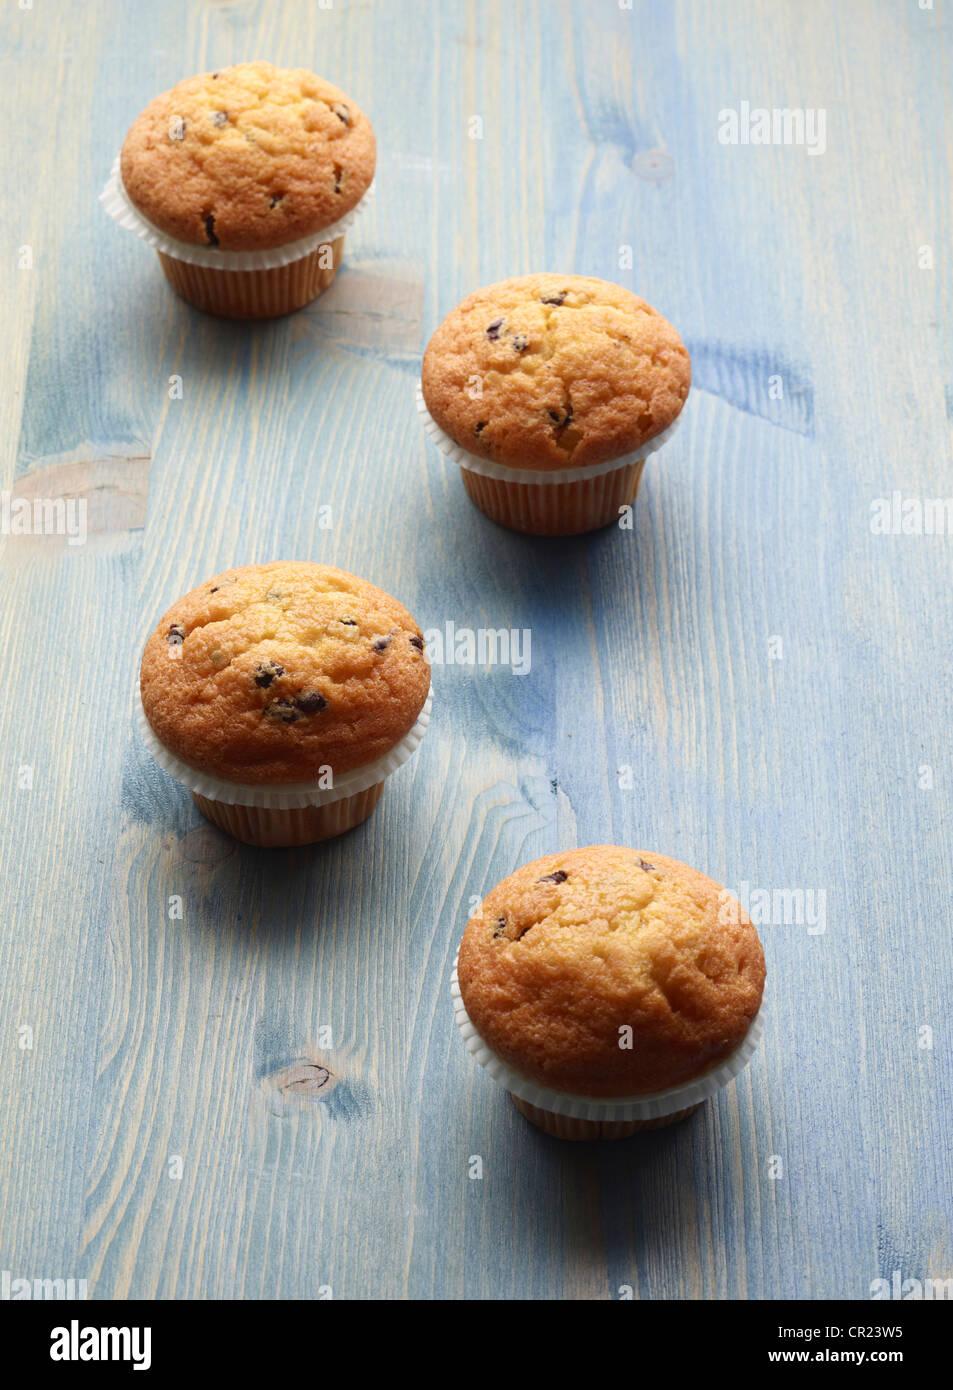 Nahaufnahme von Muffins auf Holztisch Stockbild